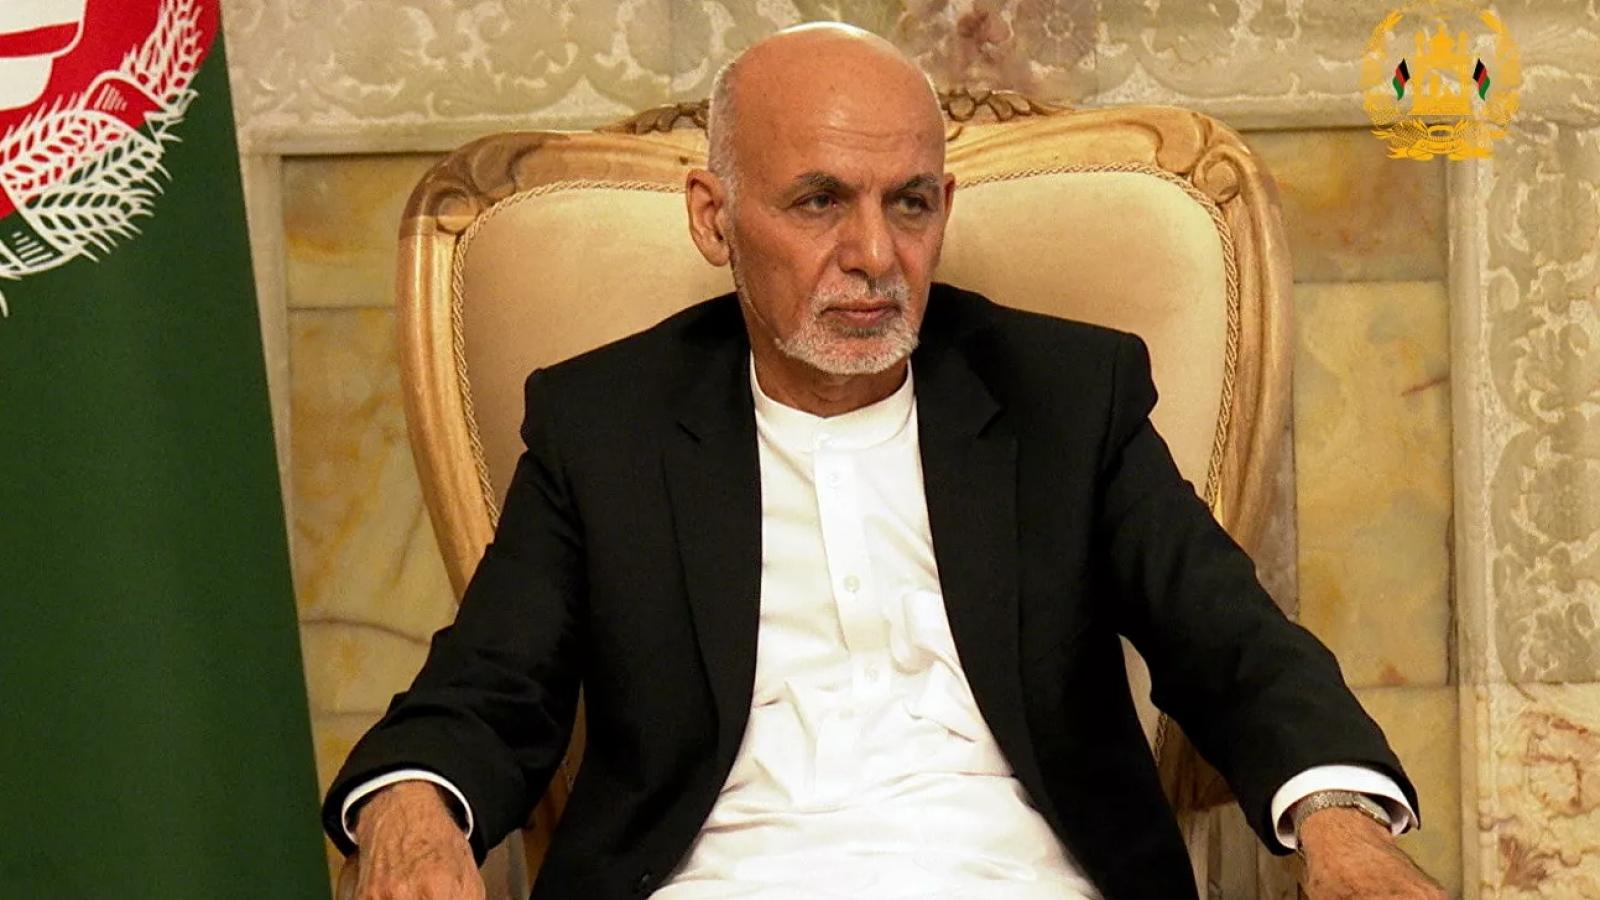 """""""Bị quản thúc 31 tiếng"""": Hé lộ cuộc chạy trốn khỏi đất nước của cựu Tổng thống Afghanistan"""